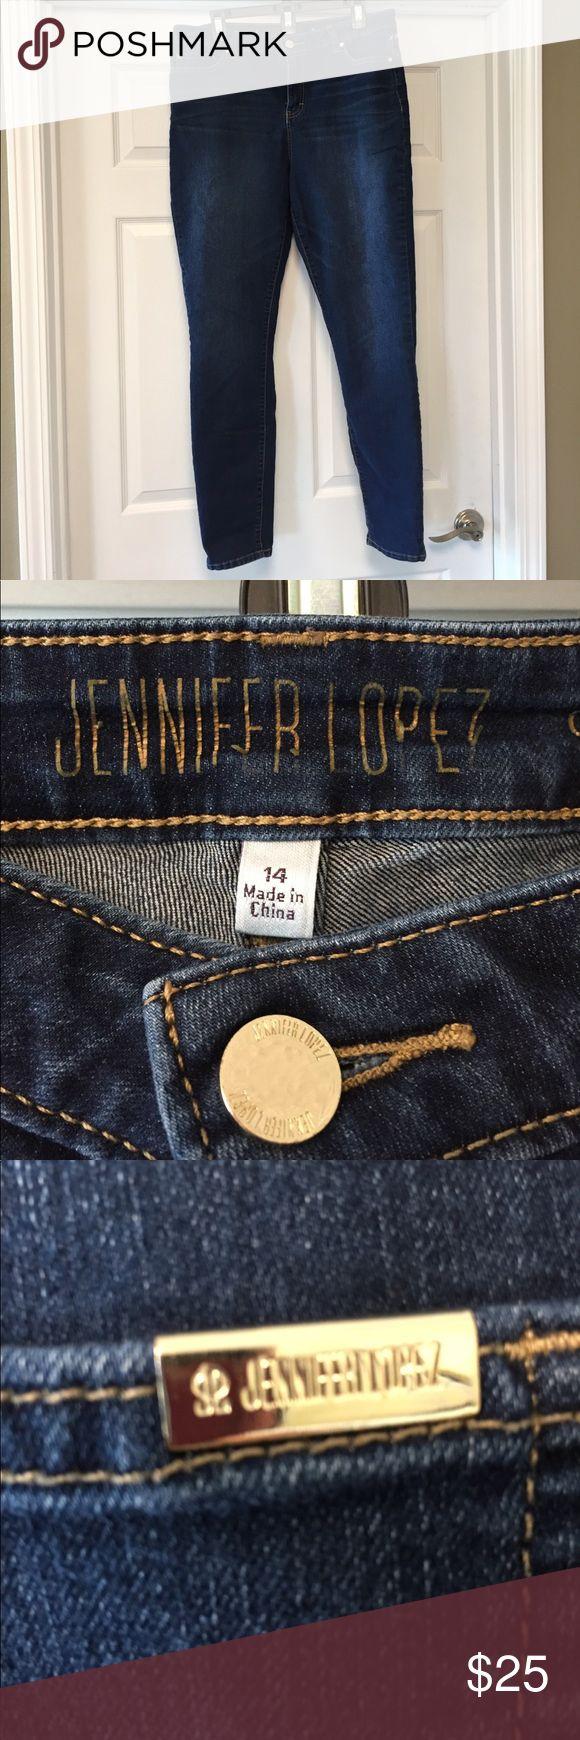 Jennifer Lopez jeans Straight skinny jeans. Great condition. Jennifer Lopez Jeans Skinny